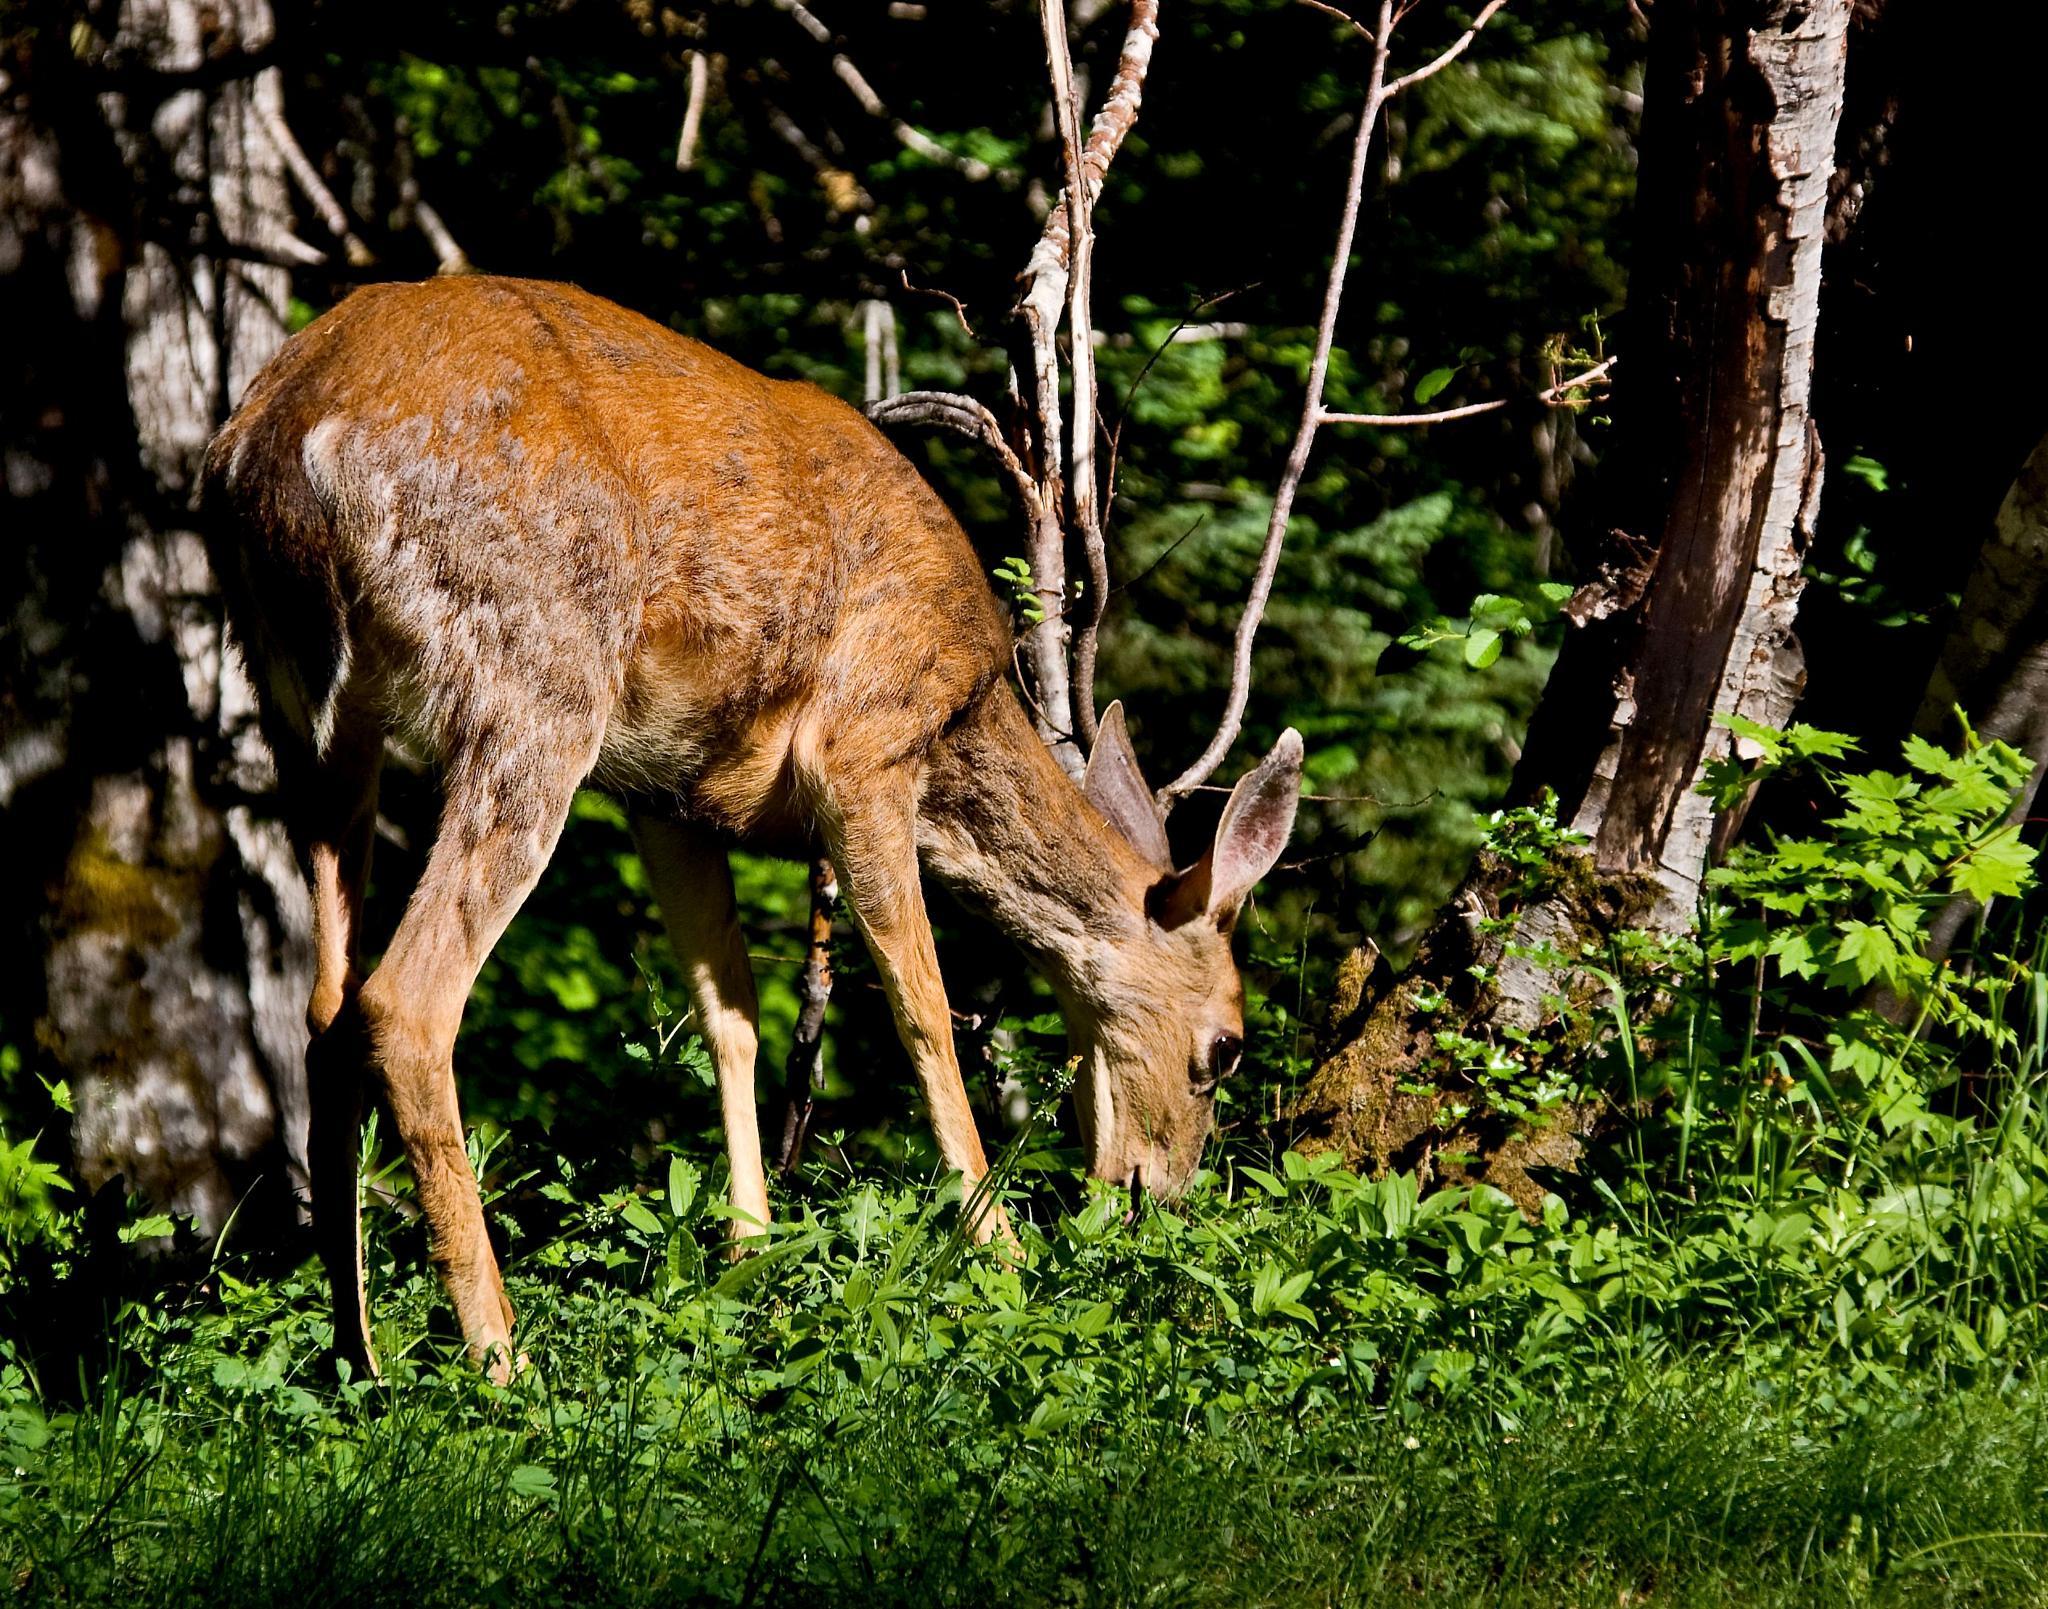 Young Deer by Brenda Hartman